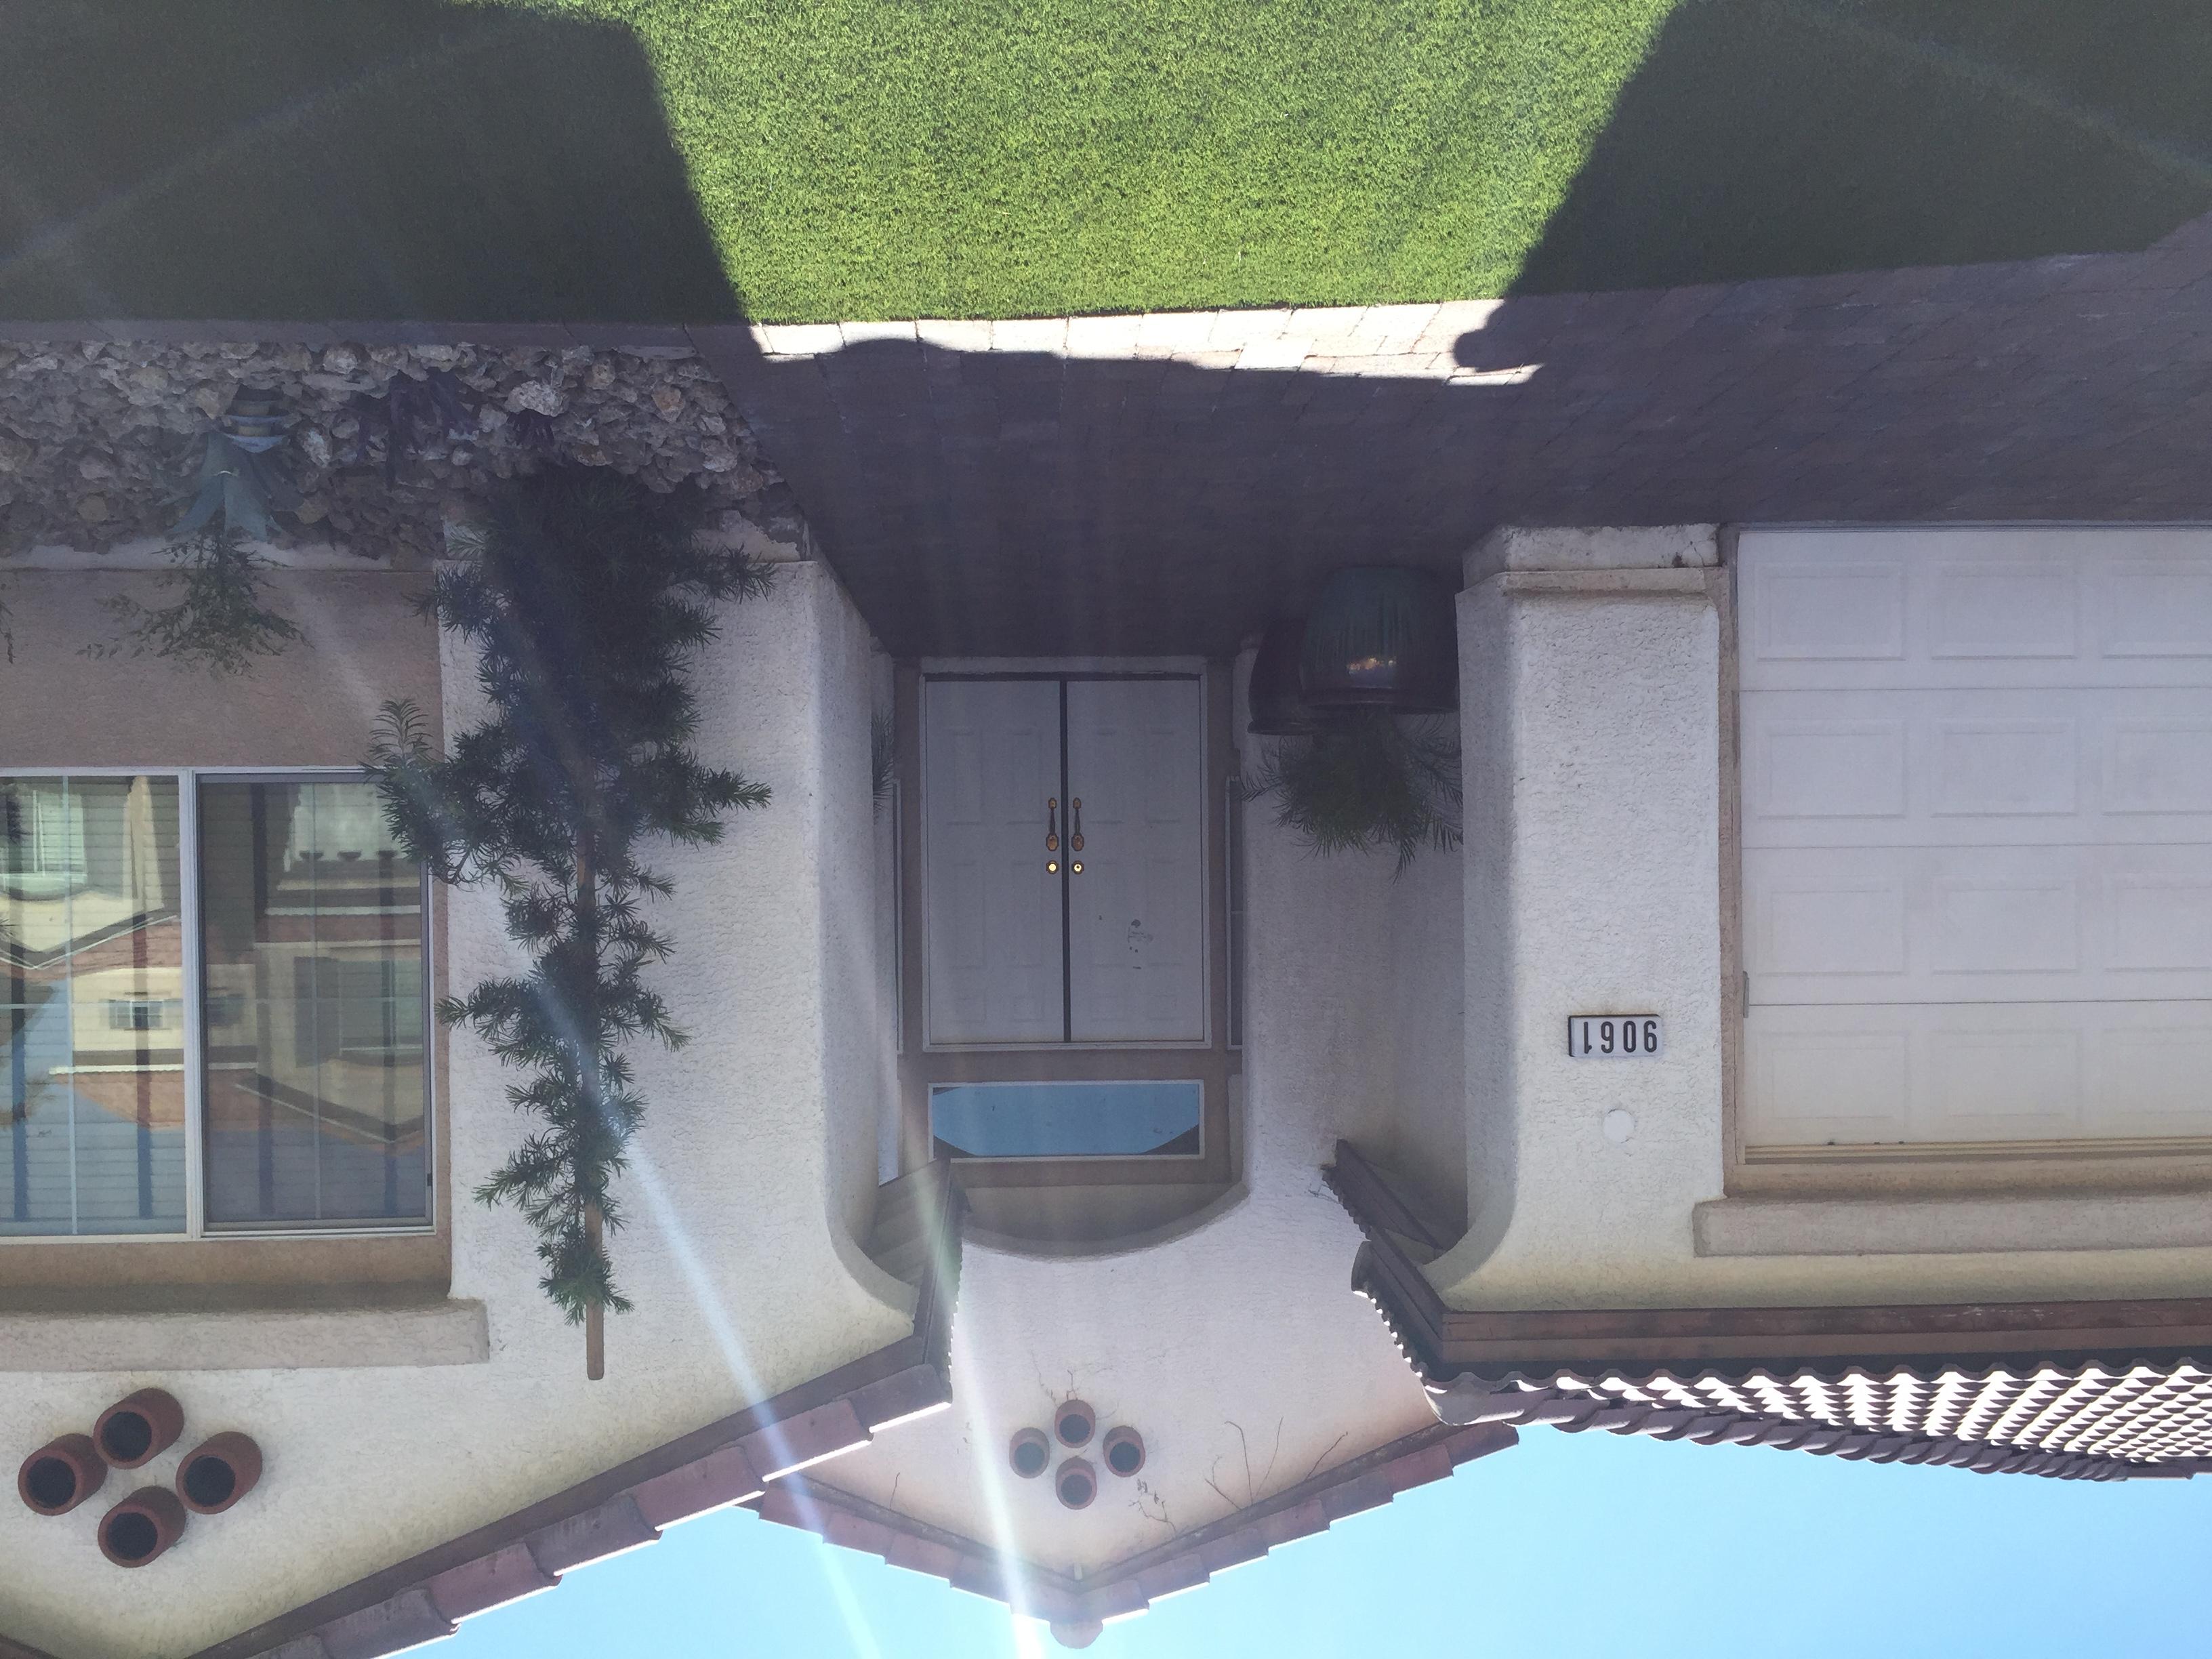 Sternberg Residence 2